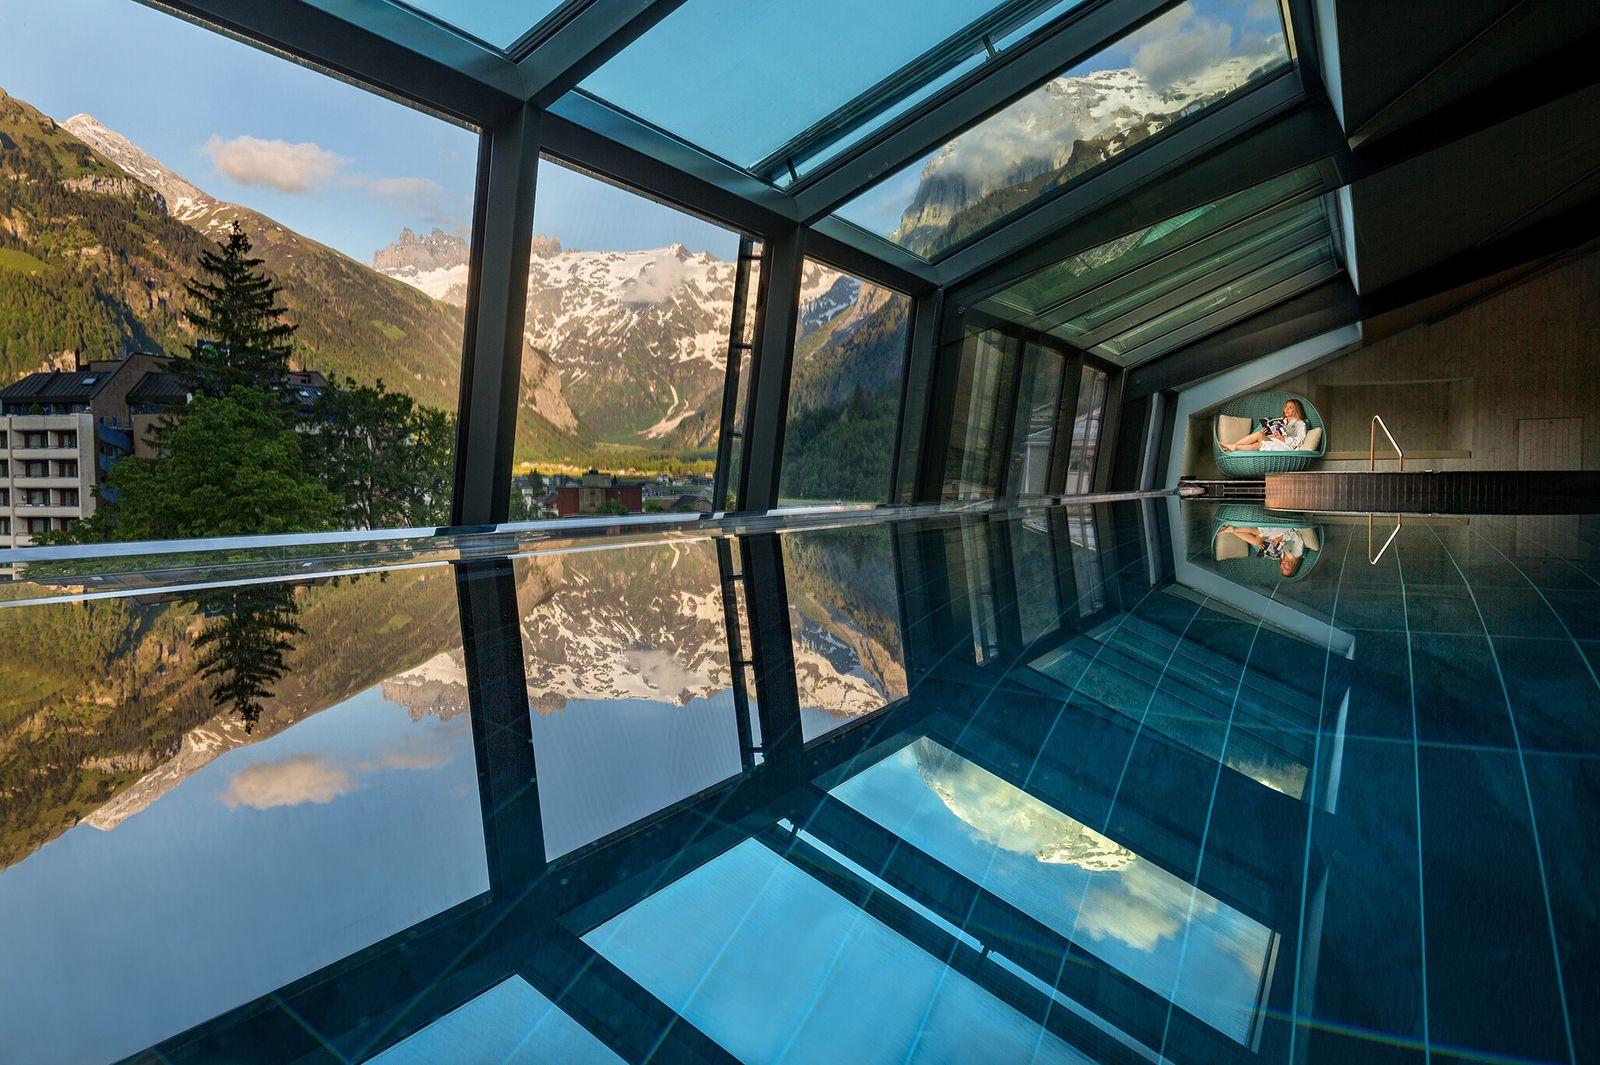 acht-neue-erlebnisse-in-den-schweizer-alpen-f-r-den-winter-2021